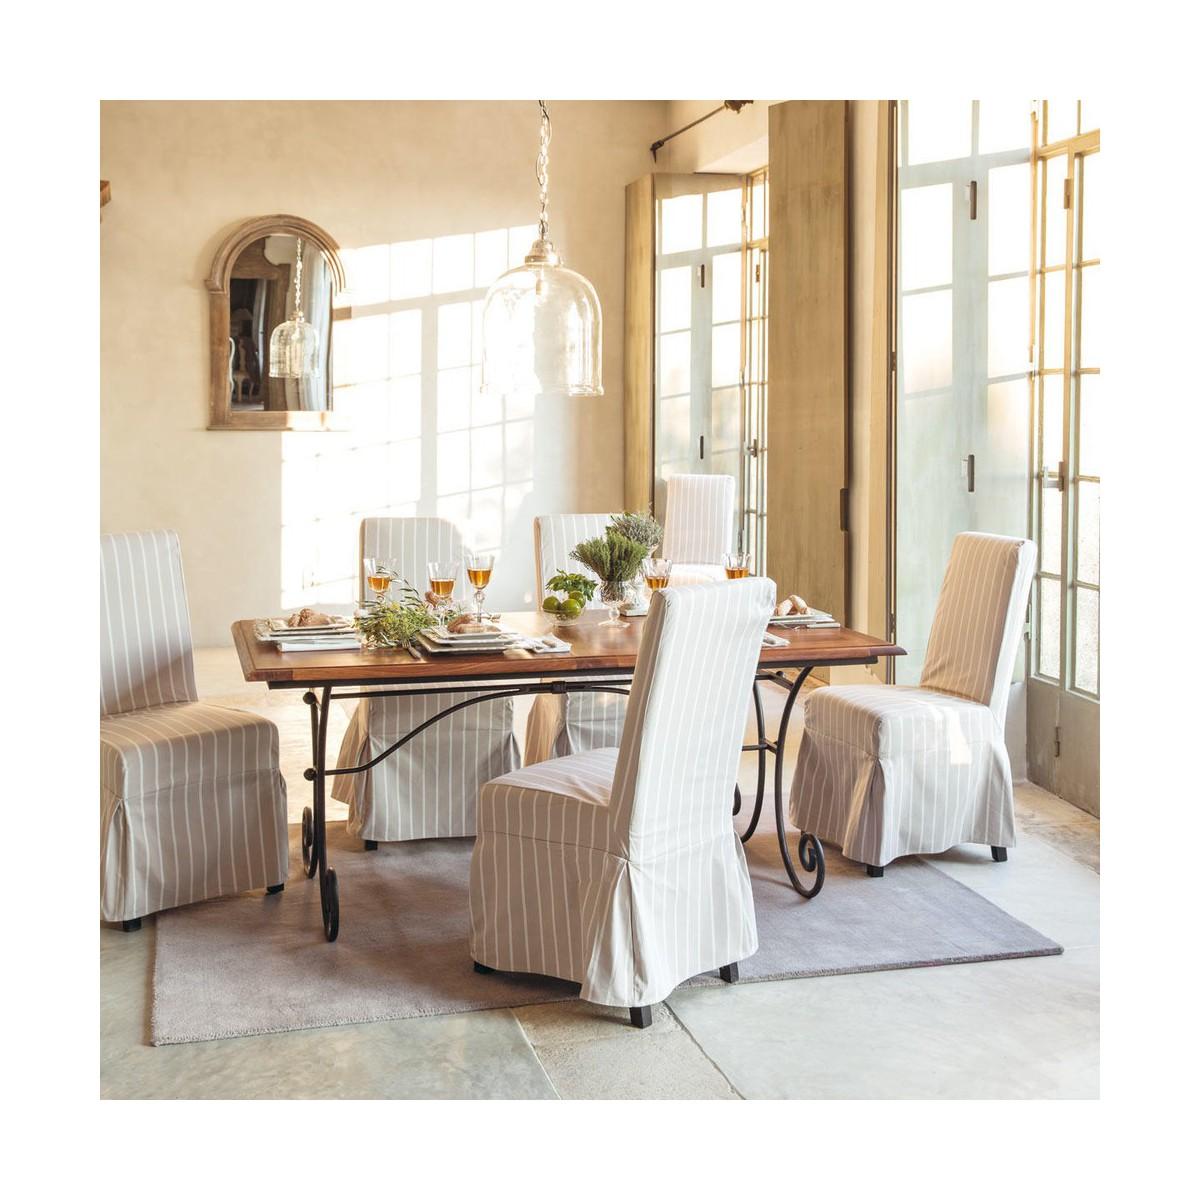 Pin en fer forg plateau en bois de ch ne pour table ronde - Table salle a manger fer et bois ...